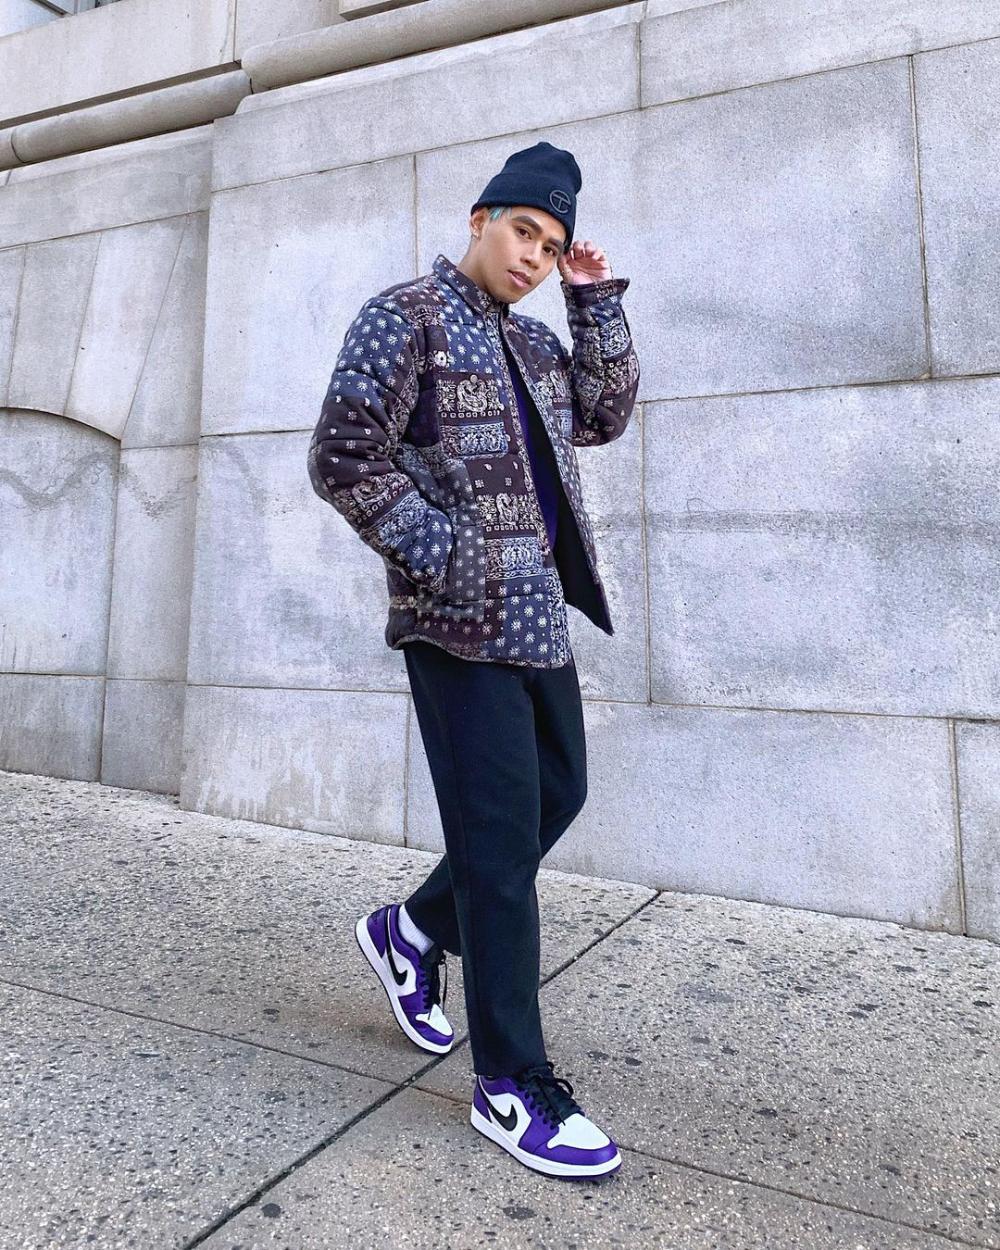 Air Jordan 1 Low Outfit